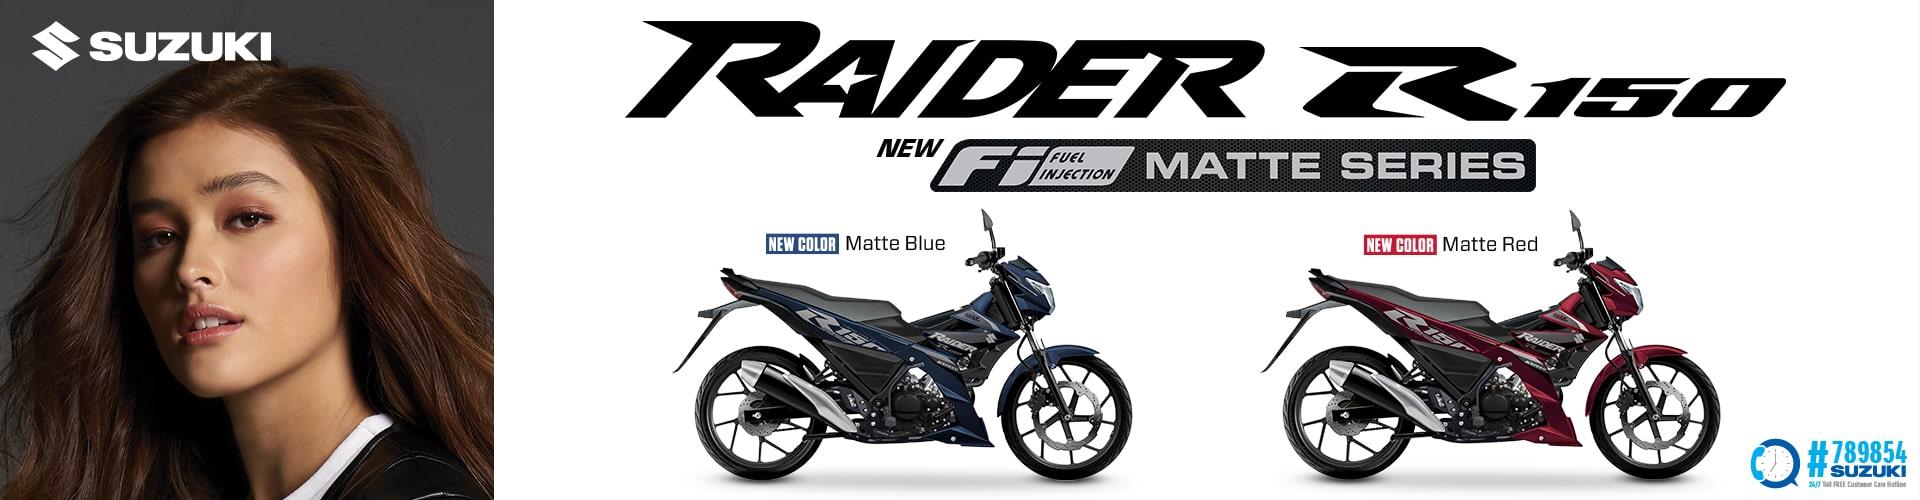 Raider R150 FI 2020